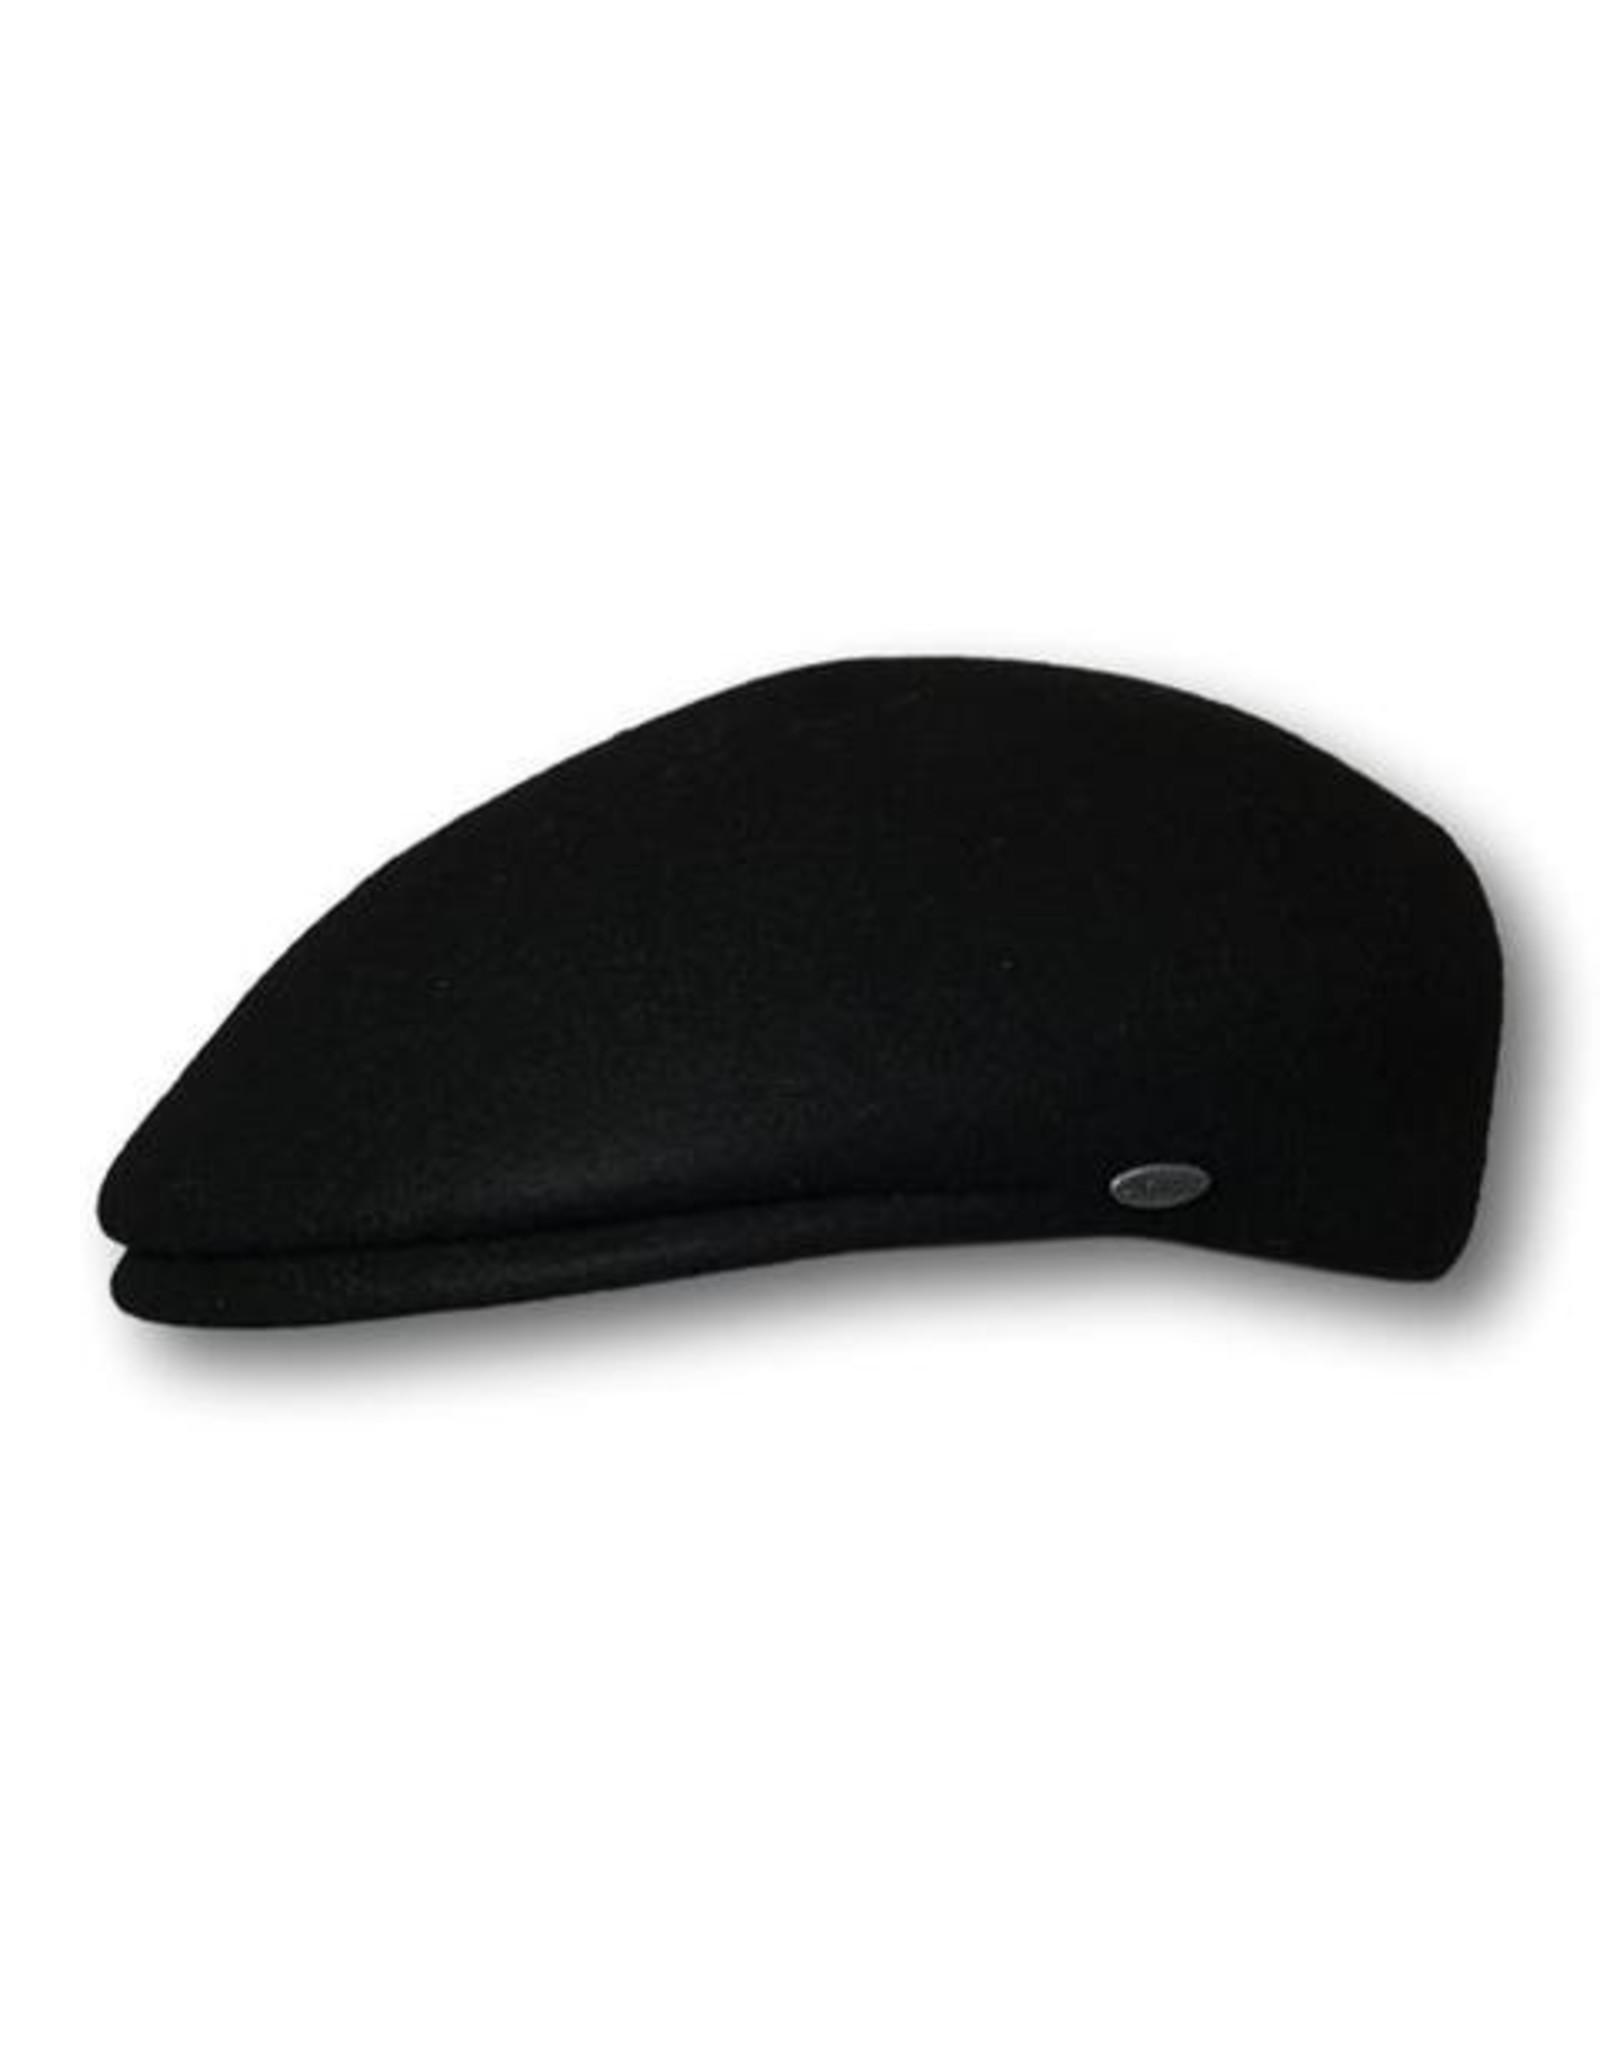 Gottmann Göttmann Monza Hard Shell Cap - Black